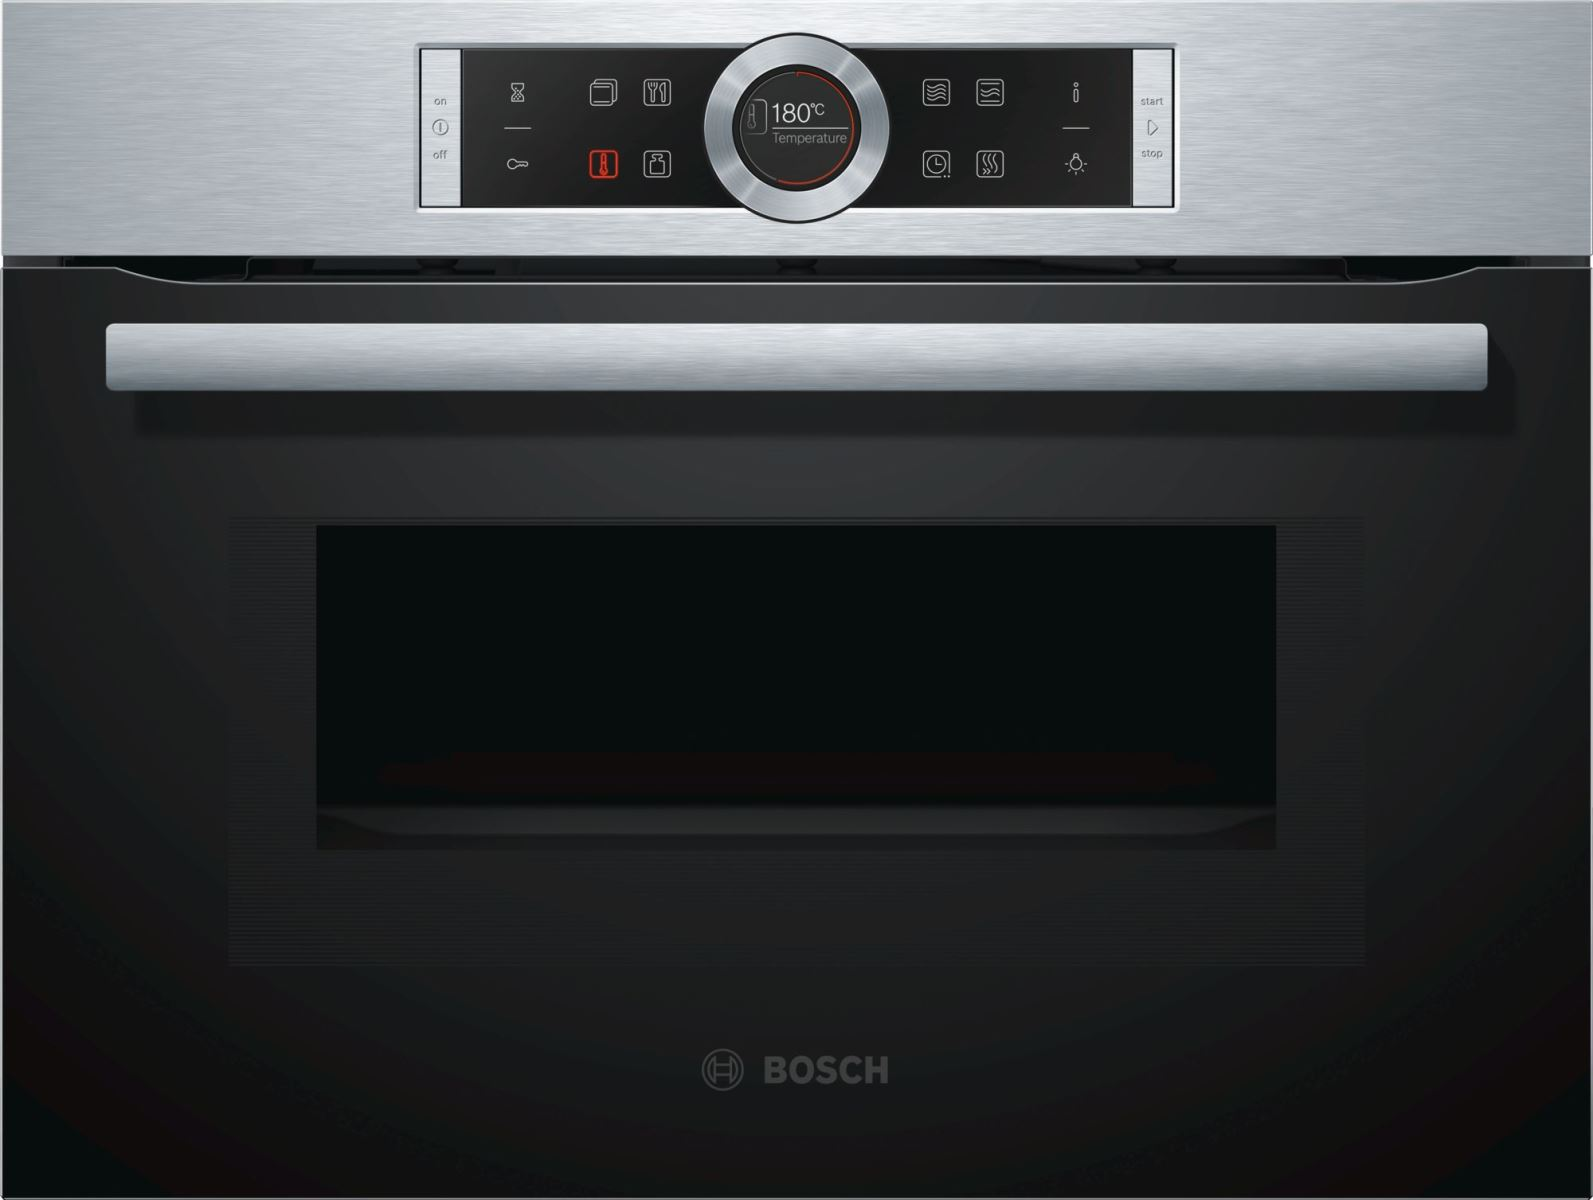 Lò Nướng Bosch CMG633BS1 Tích Hợp Chức Năng Vi Sóng Hiện Đại, Tiện Ích